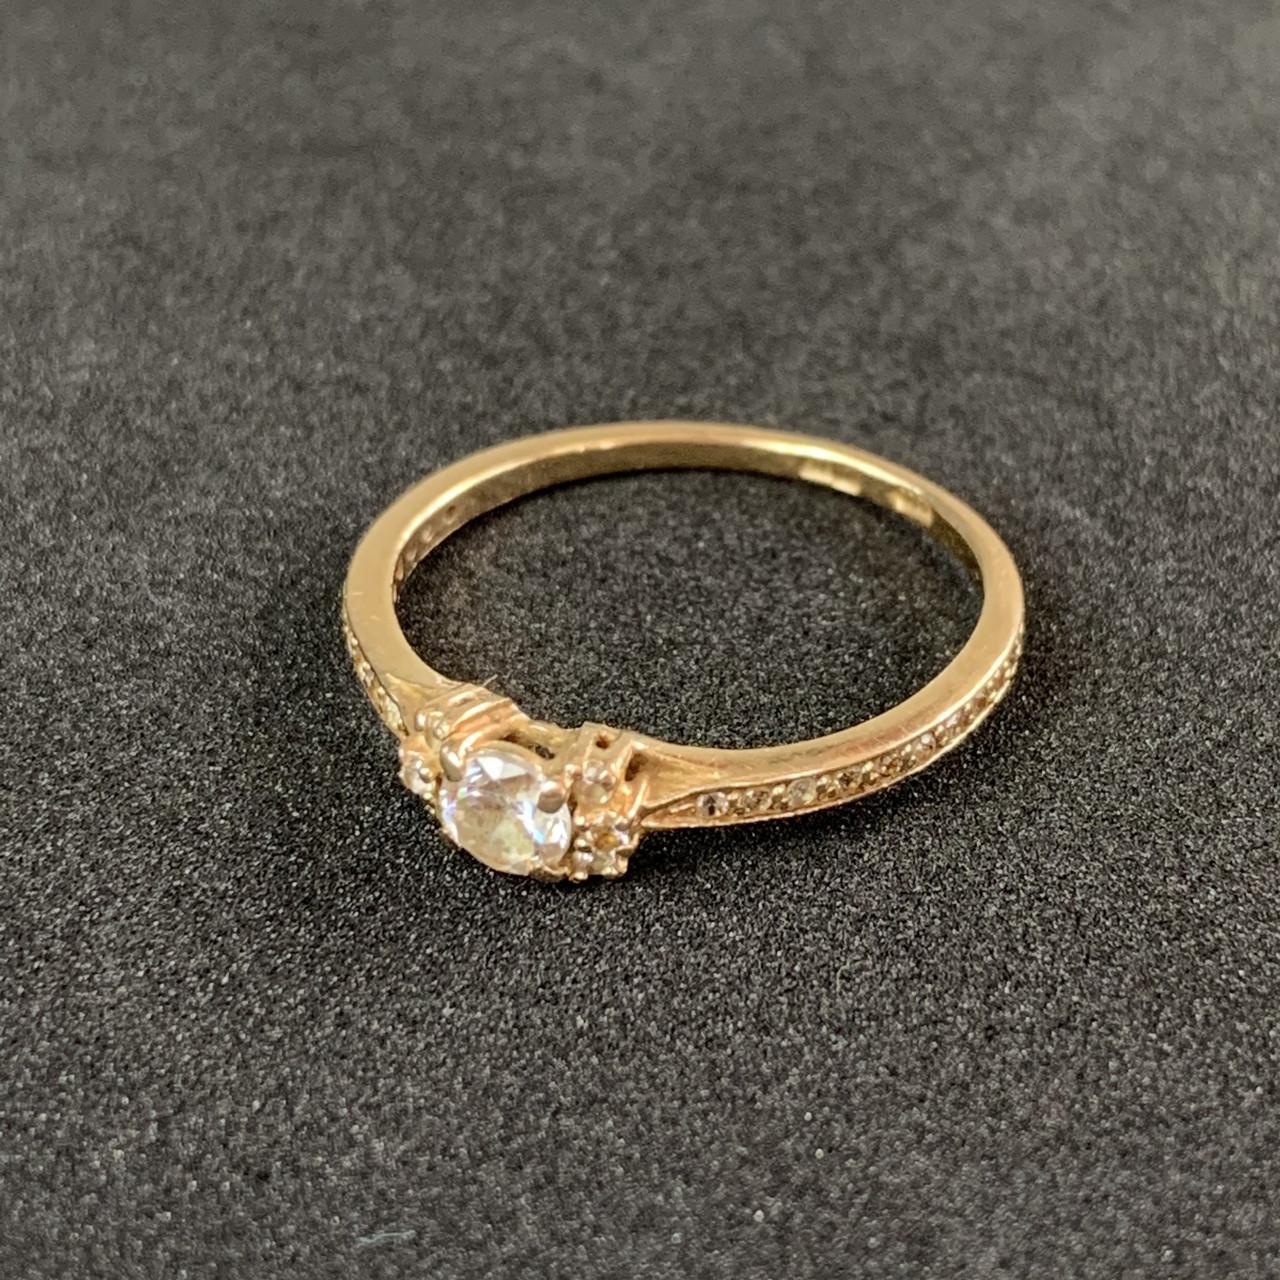 Золотое кольцо с фианитами 585 пробы, вес 1.80г. Б/у. Продажа по Украине